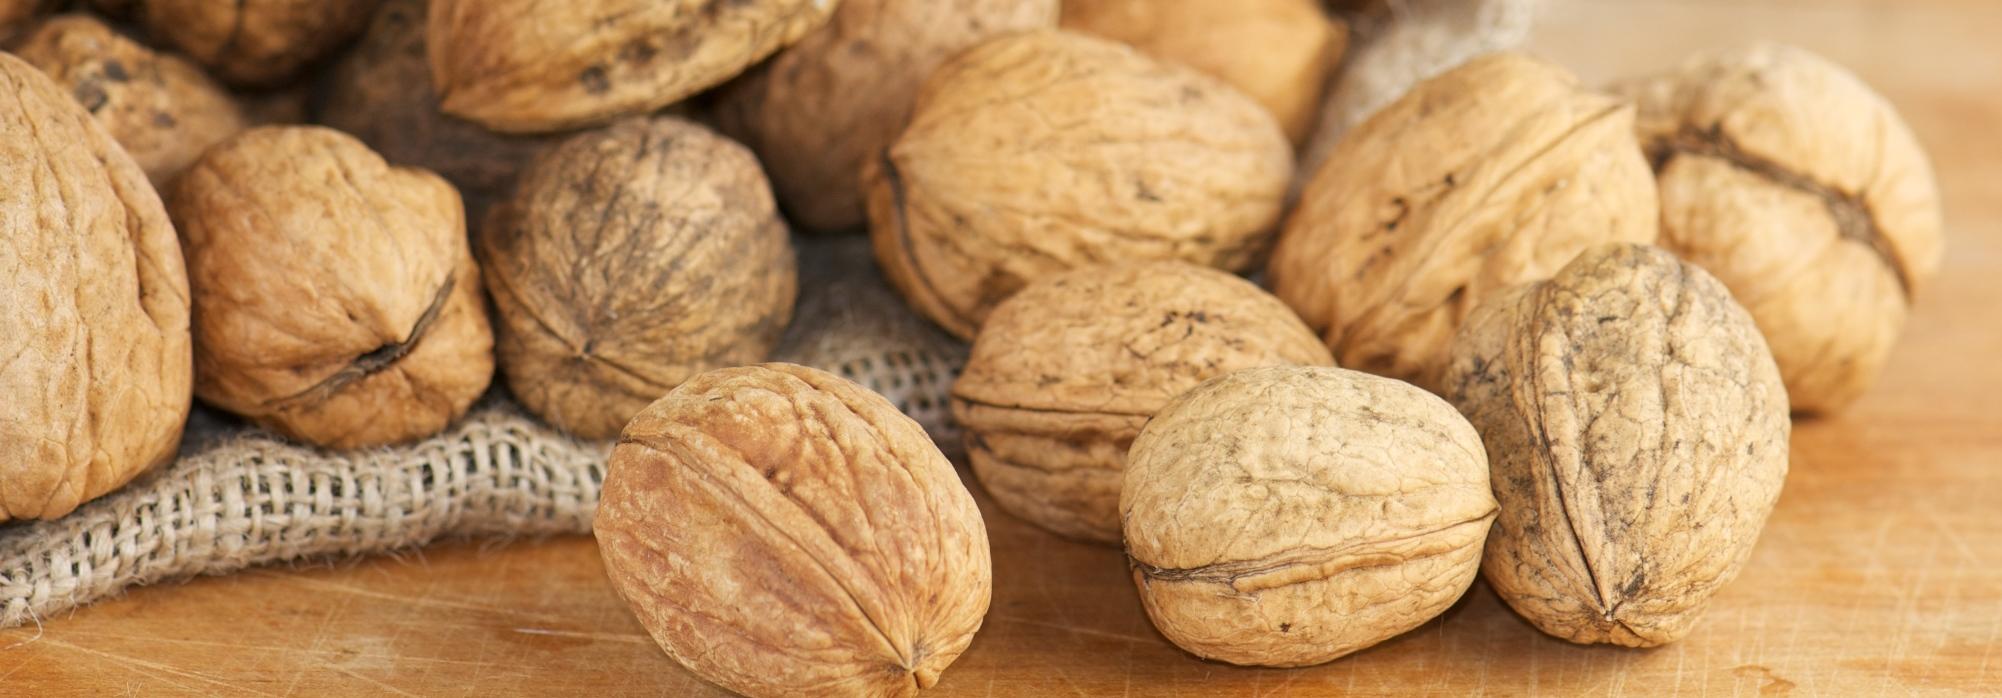 Walnuts1-of-1